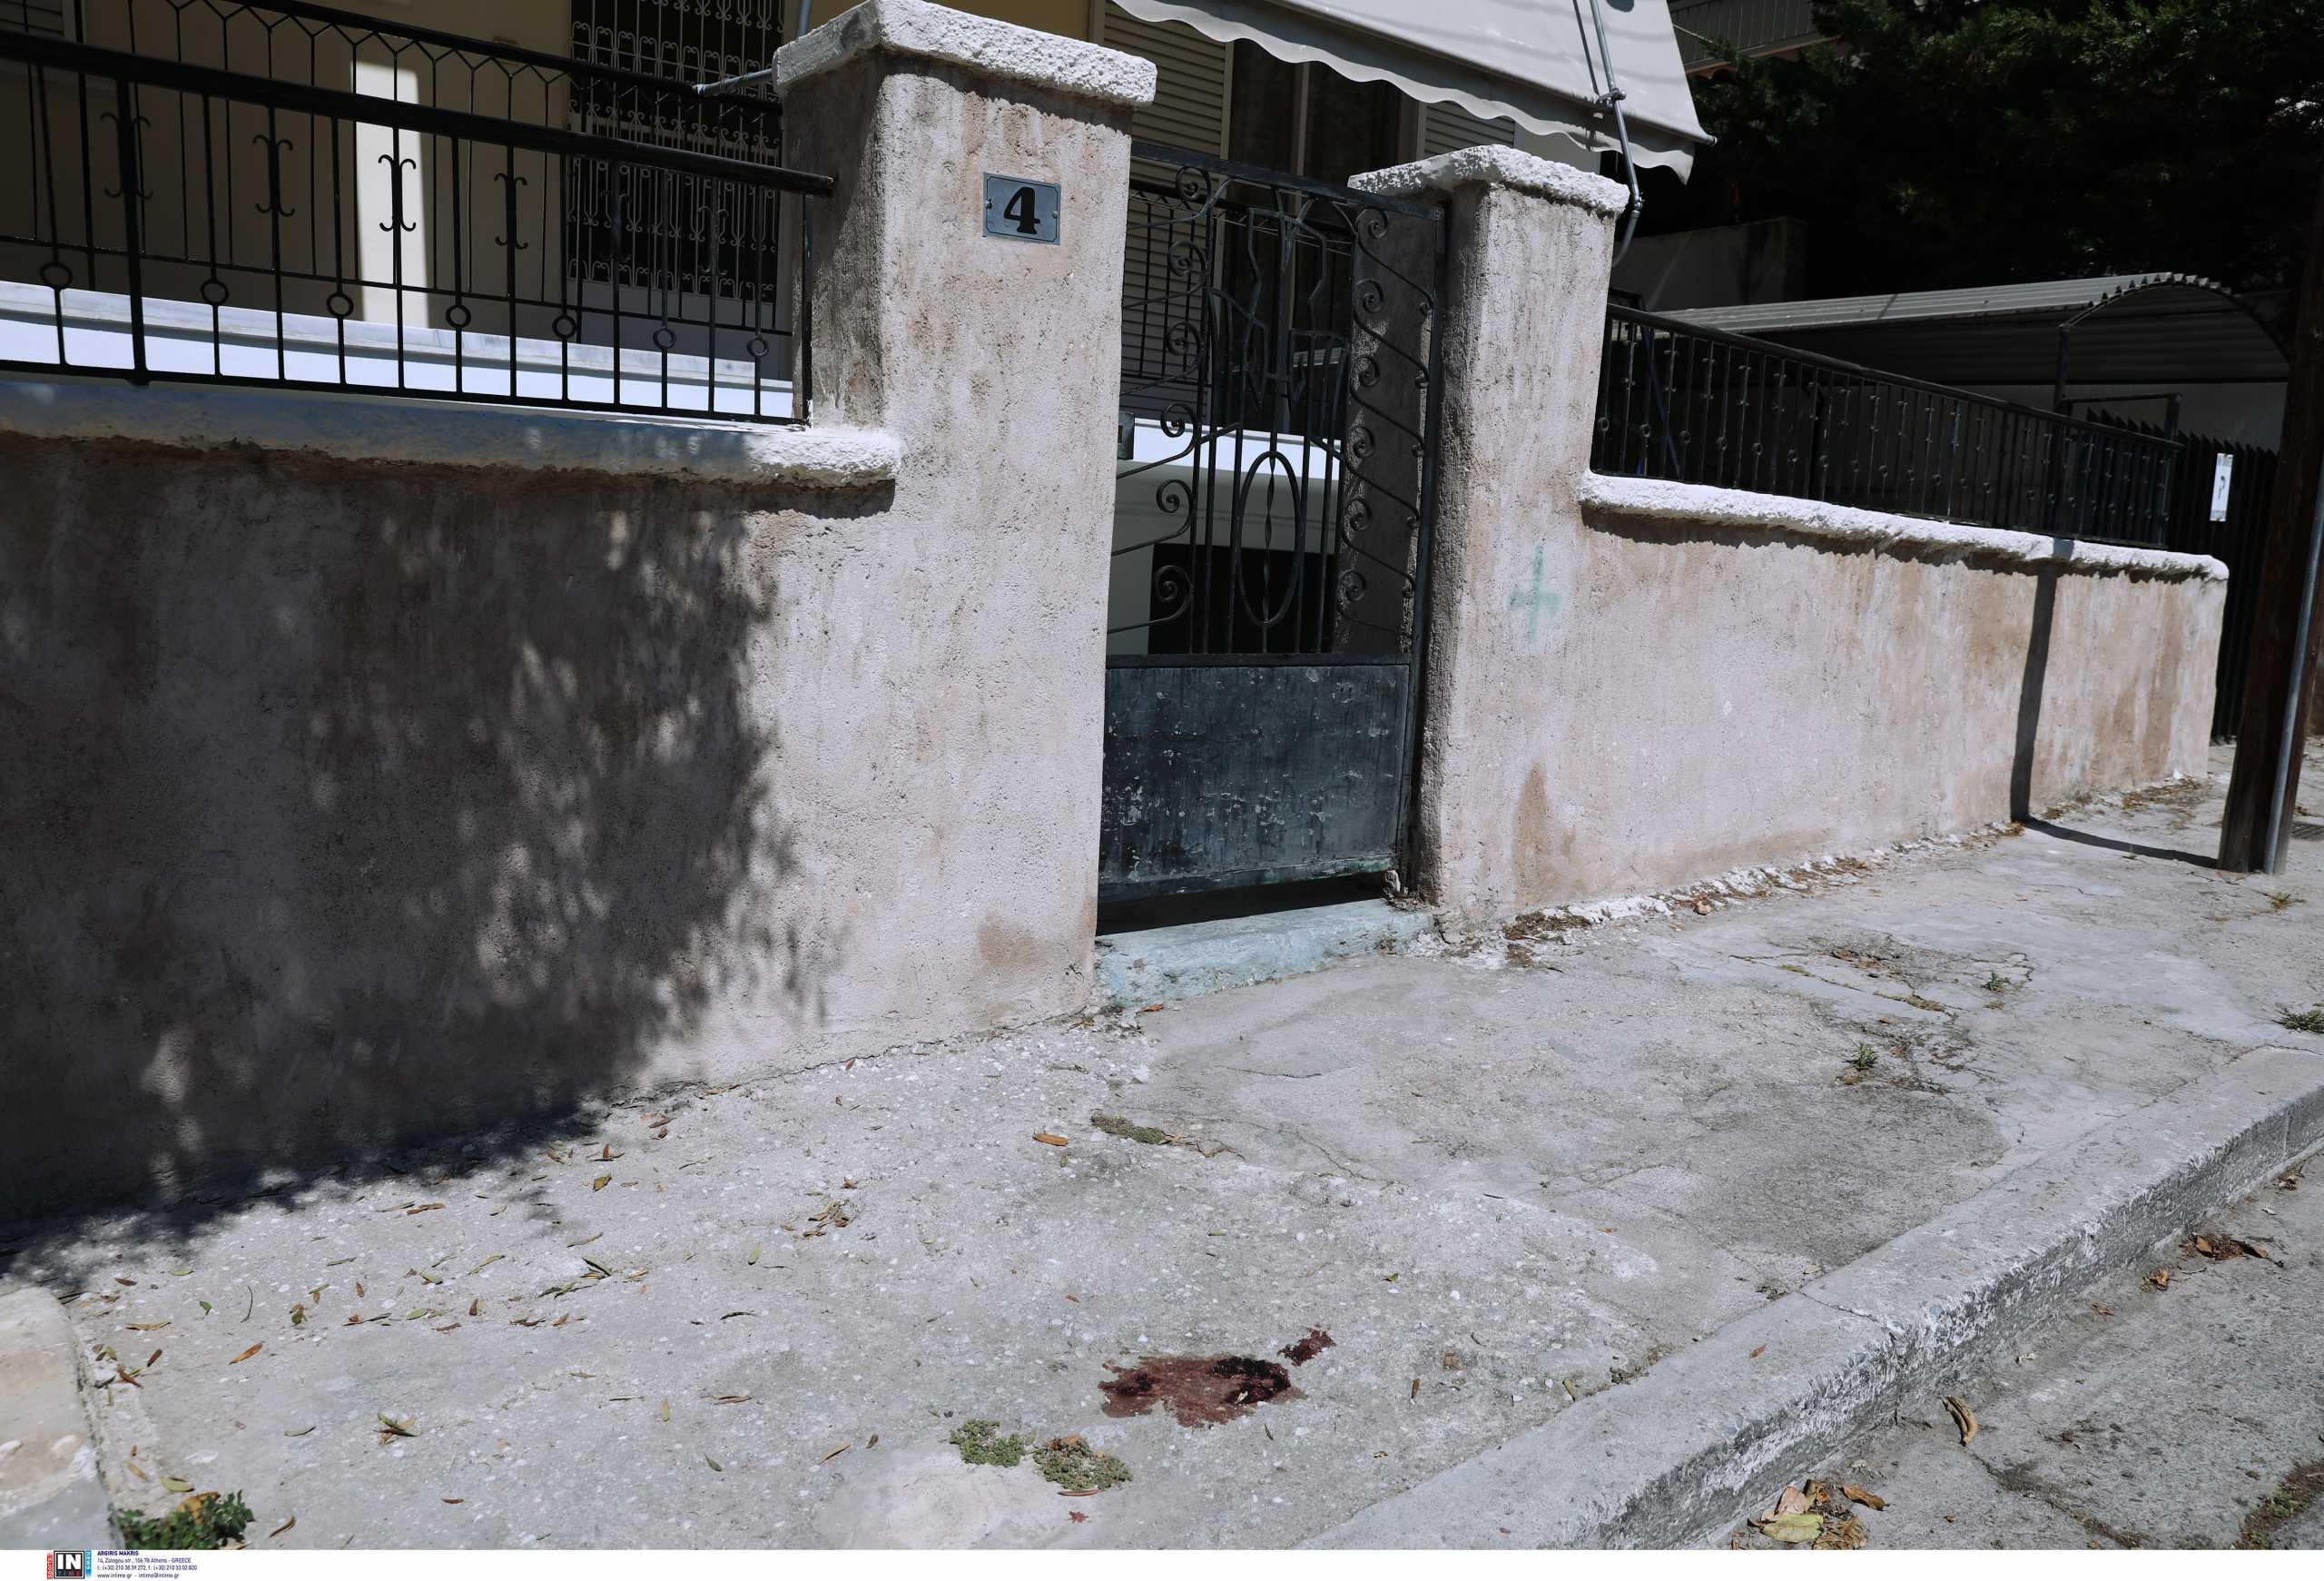 Αγία Βαρβάρα: «Με χτυπούσε, με έβριζε, με έκλεβε» – Όλα όσα κατέθεσε ο 75χρονος που σκότωσε την 64χρονη